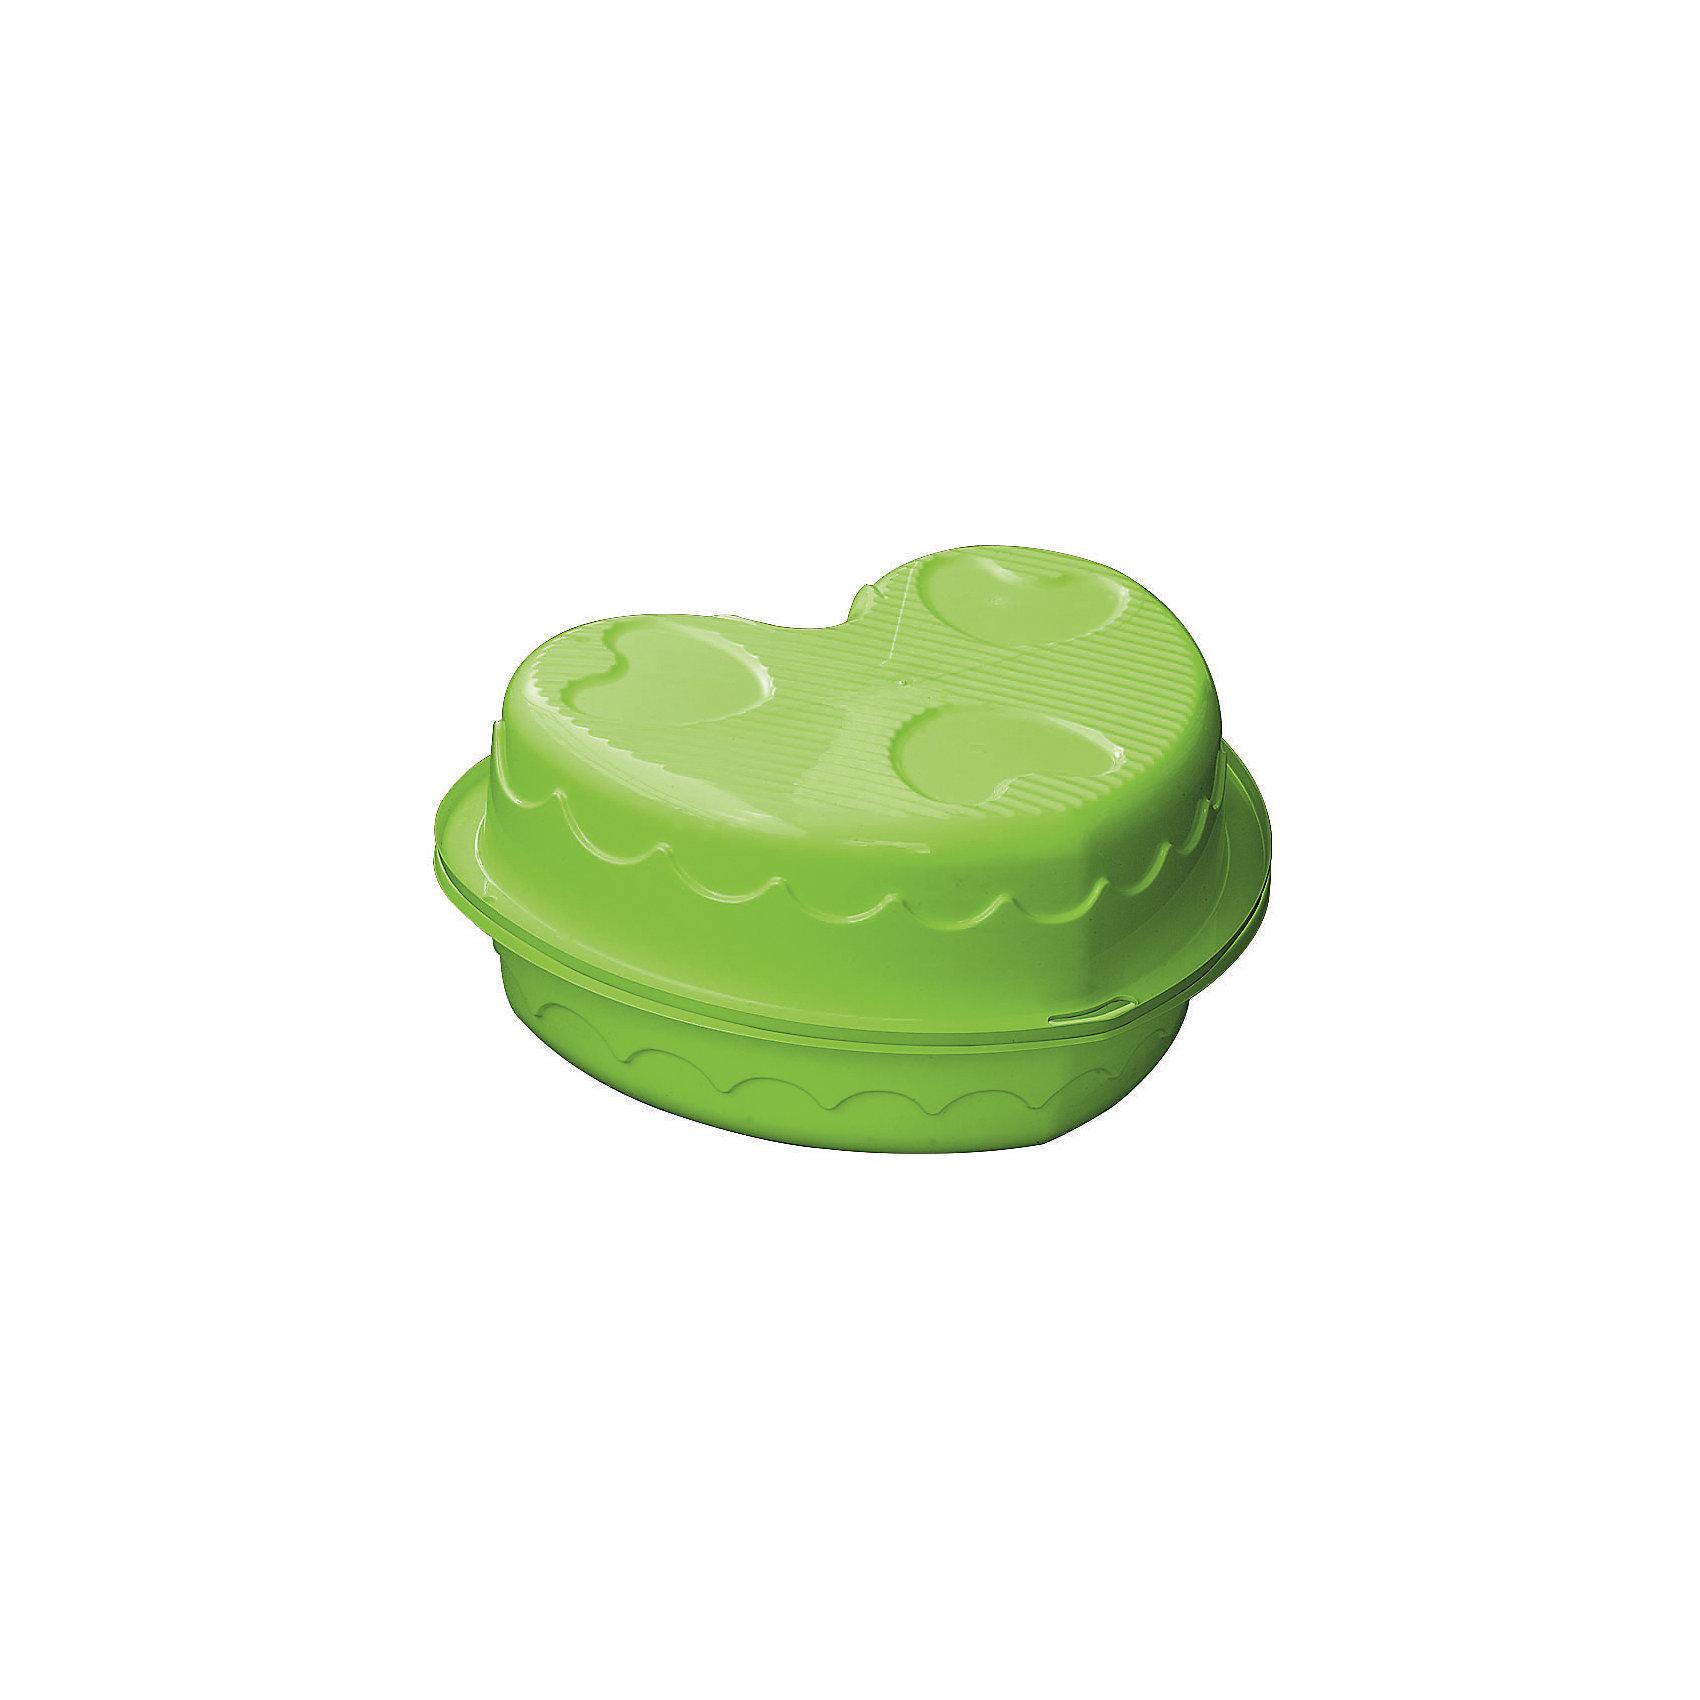 Двойная песочница-сердечко, PalPlay, зеленаяИграем в песочнице<br>Характеристики товара:<br><br>• возраст от 1 года;<br>• материал: пластик;<br>• размер песочницы 180х79х20 см;<br>• высота бортиков 20 см;<br>• размер упаковки 90,5х79х40 см;<br>• вес упаковки 3,2 кг;<br>• страна производитель: Израиль.<br><br>Двойная песочница-сердечко Marian Plast зеленая разнообразит детские игры на свежем воздухе. Песочница имеет 2 половинки, что позволит в ней играть сразу 2 детям. Каждая половинка оборудована небольшим сидением. На природе песочницу можно использовать и как бассейн, достаточно просто наполнить ее водой. Для игры дома ее можно наполнить специальными шариками. Обе половинки складываются вместе, в сложенном виде песочница помещается в автомобиле. Песочница изготовлена из безопасного качественного пластика.<br><br>Двойную песочницу-сердечко Marian Plast зеленую можно приобрести в нашем интернет-магазине.<br><br>Ширина мм: 905<br>Глубина мм: 790<br>Высота мм: 400<br>Вес г: 3160<br>Возраст от месяцев: 12<br>Возраст до месяцев: 60<br>Пол: Унисекс<br>Возраст: Детский<br>SKU: 5621465